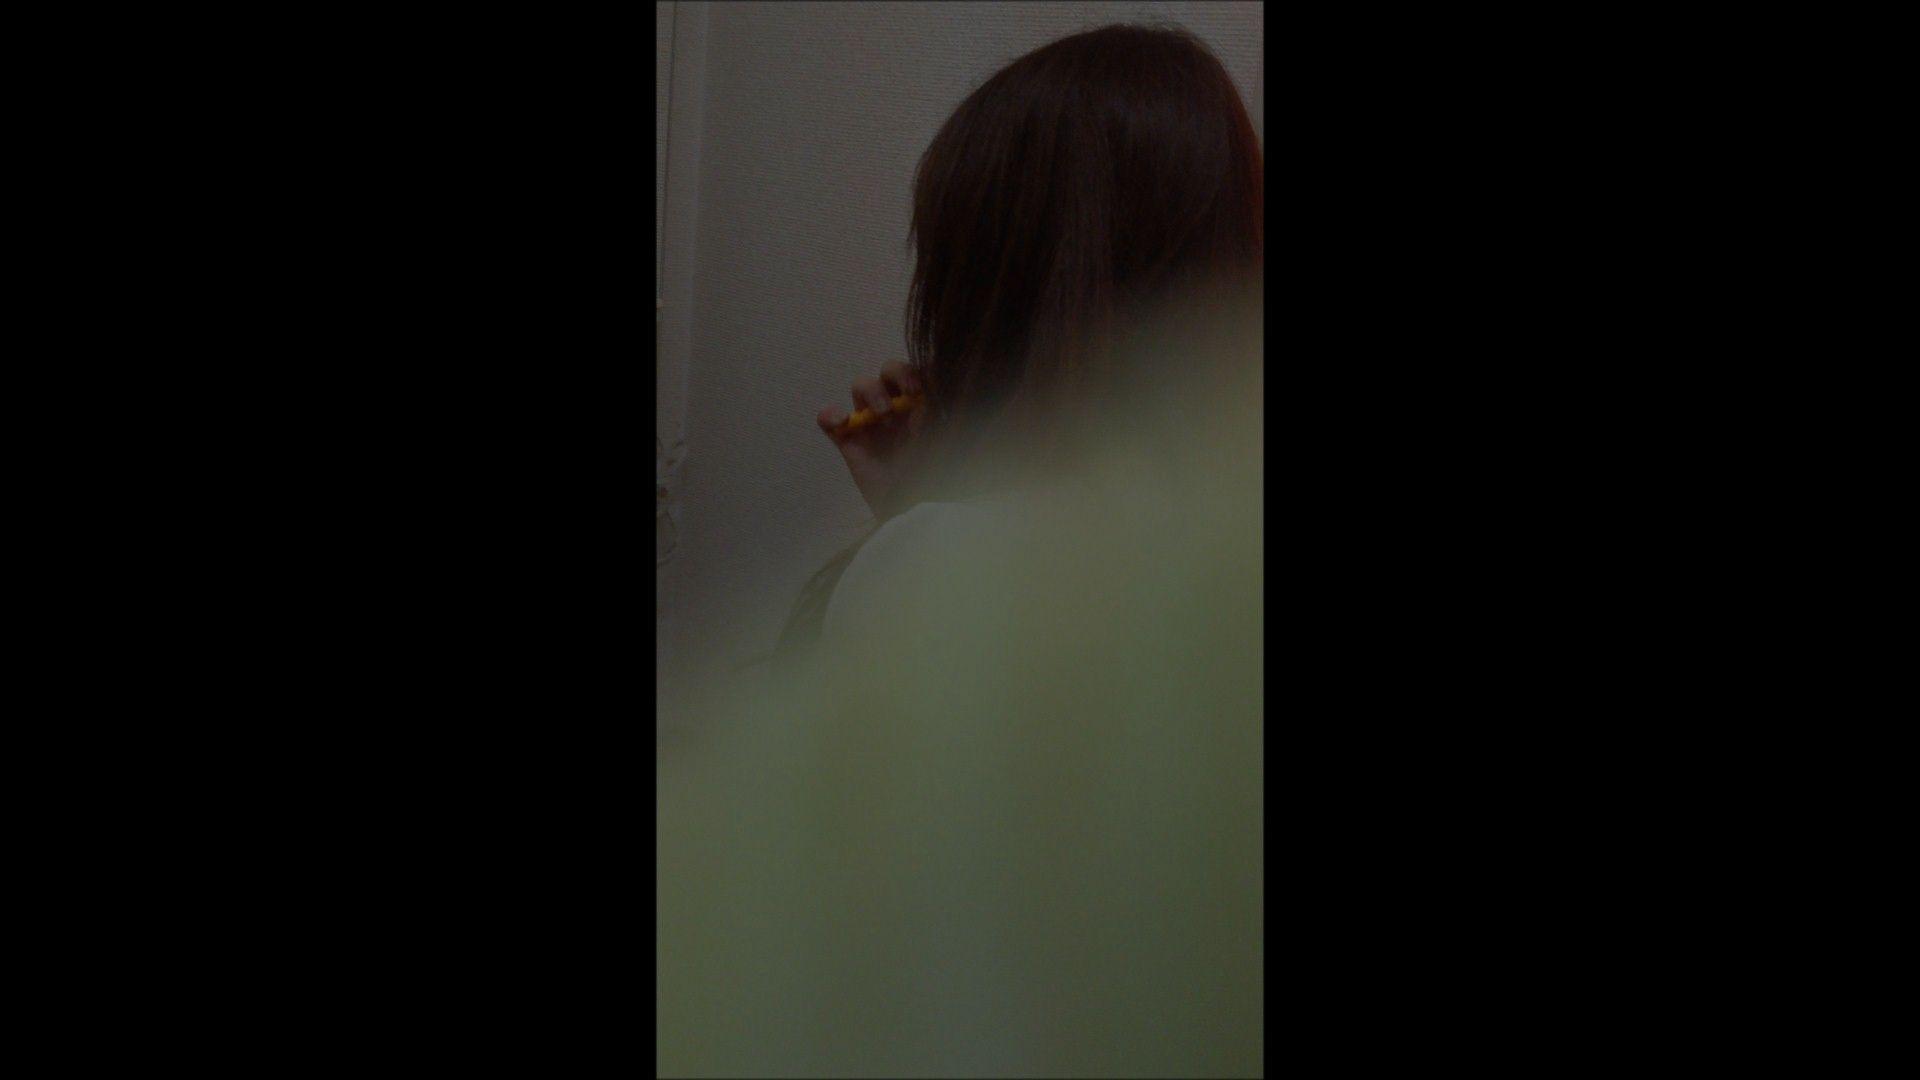 08(8日目)メイク中の彼女の顔を撮りました! マンコ特集 | オマンコ丸見え  59連発 39